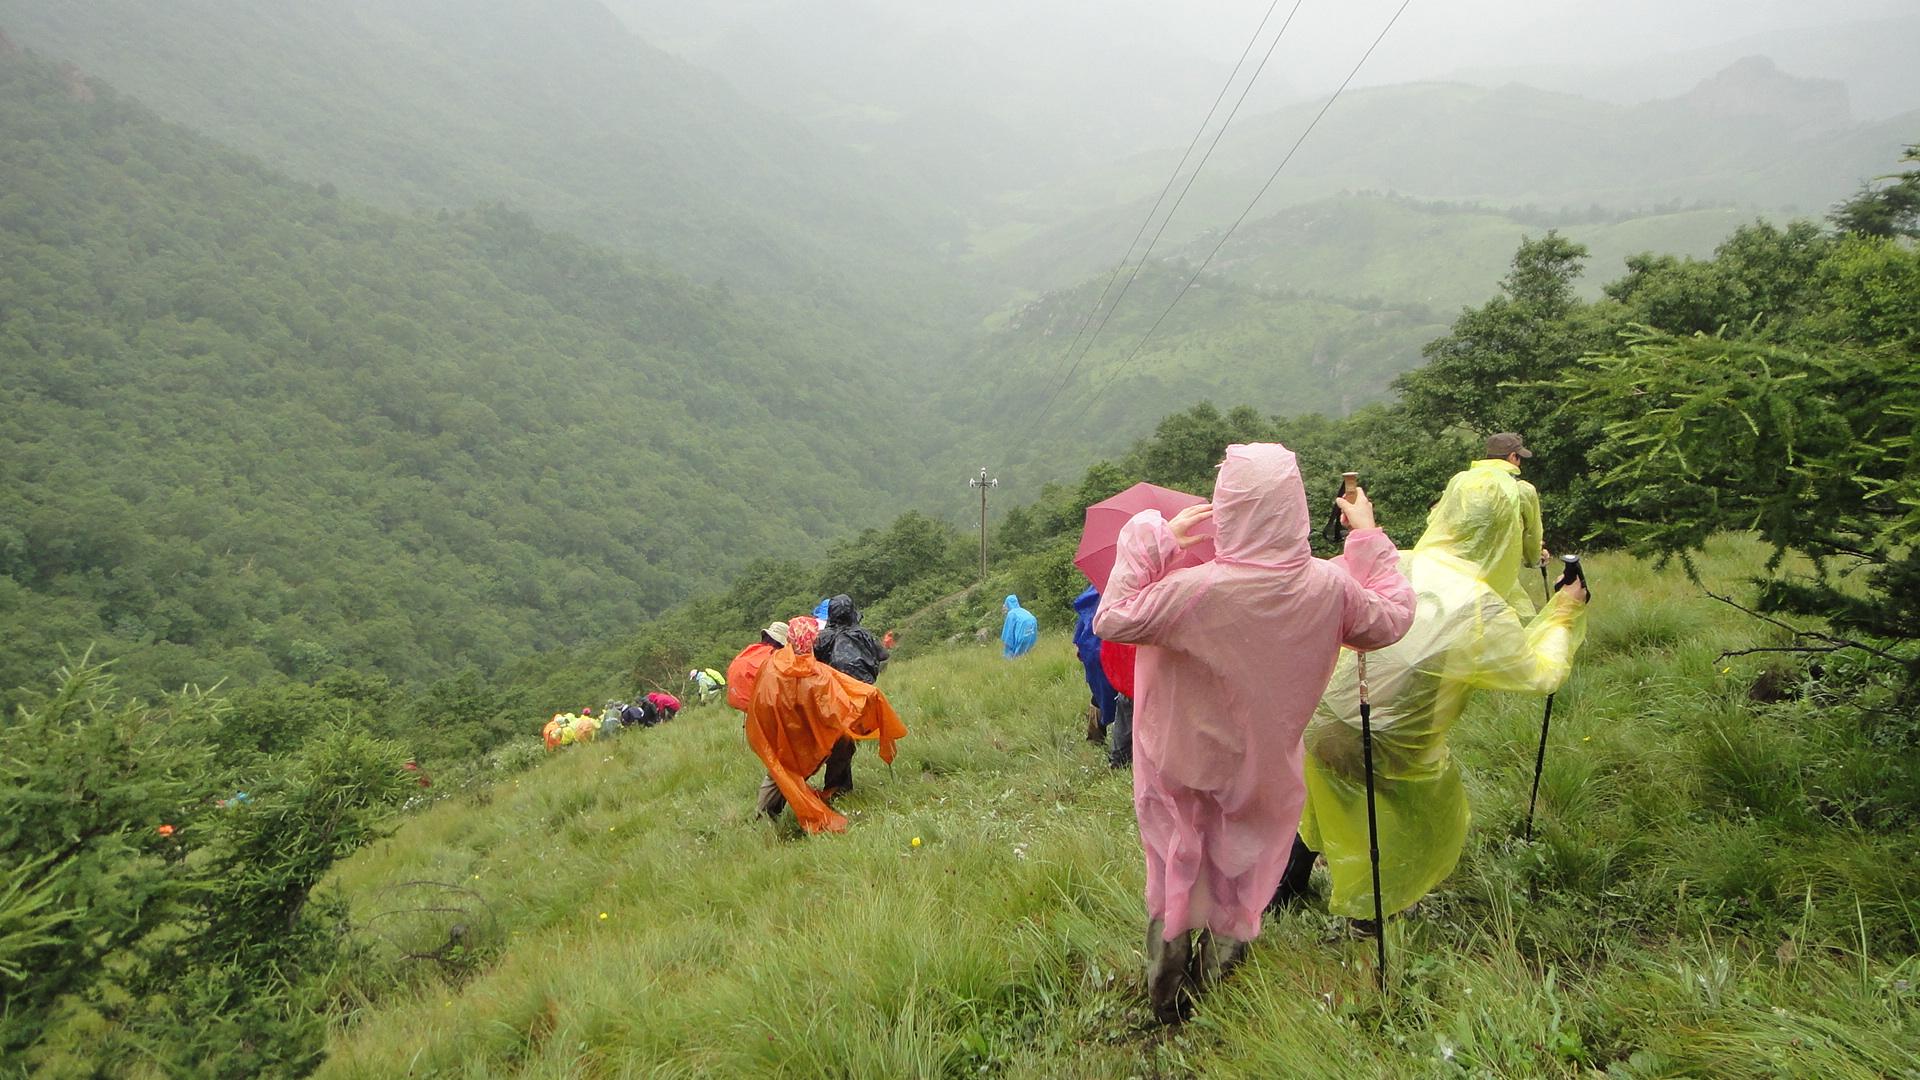 野路户外7月14号 茶山穿越互动照片征集中